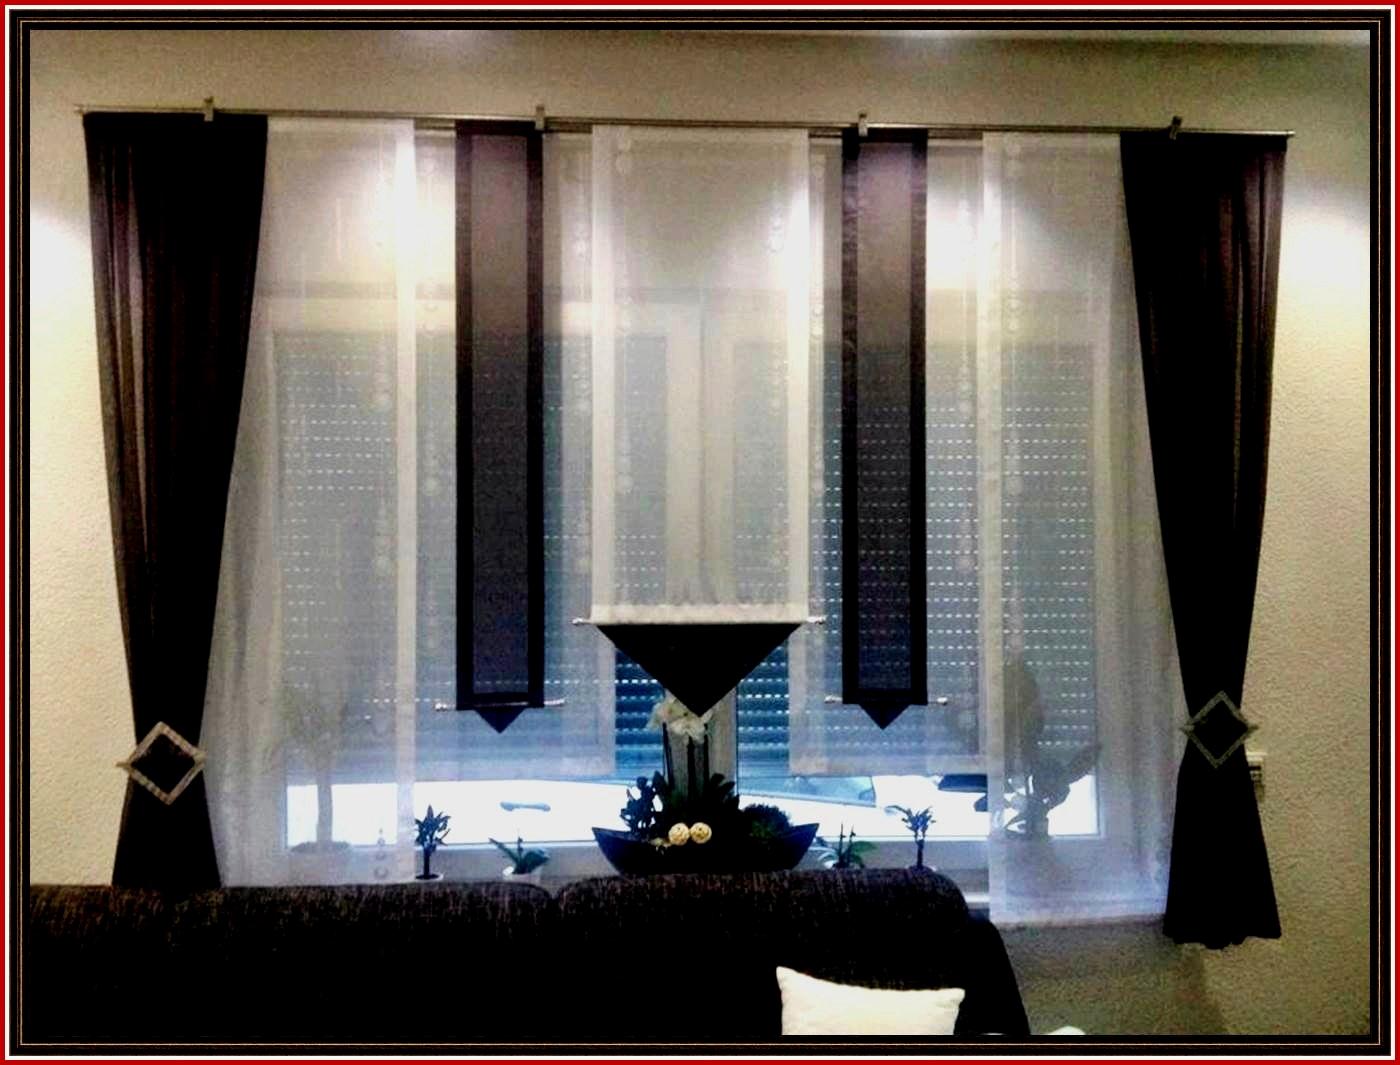 Full Size of Küchenfenster Gardine Dekoideen Fur Fenster Wohnzimmer Gardinen Für Die Küche Scheibengardinen Schlafzimmer Wohnzimmer Küchenfenster Gardine